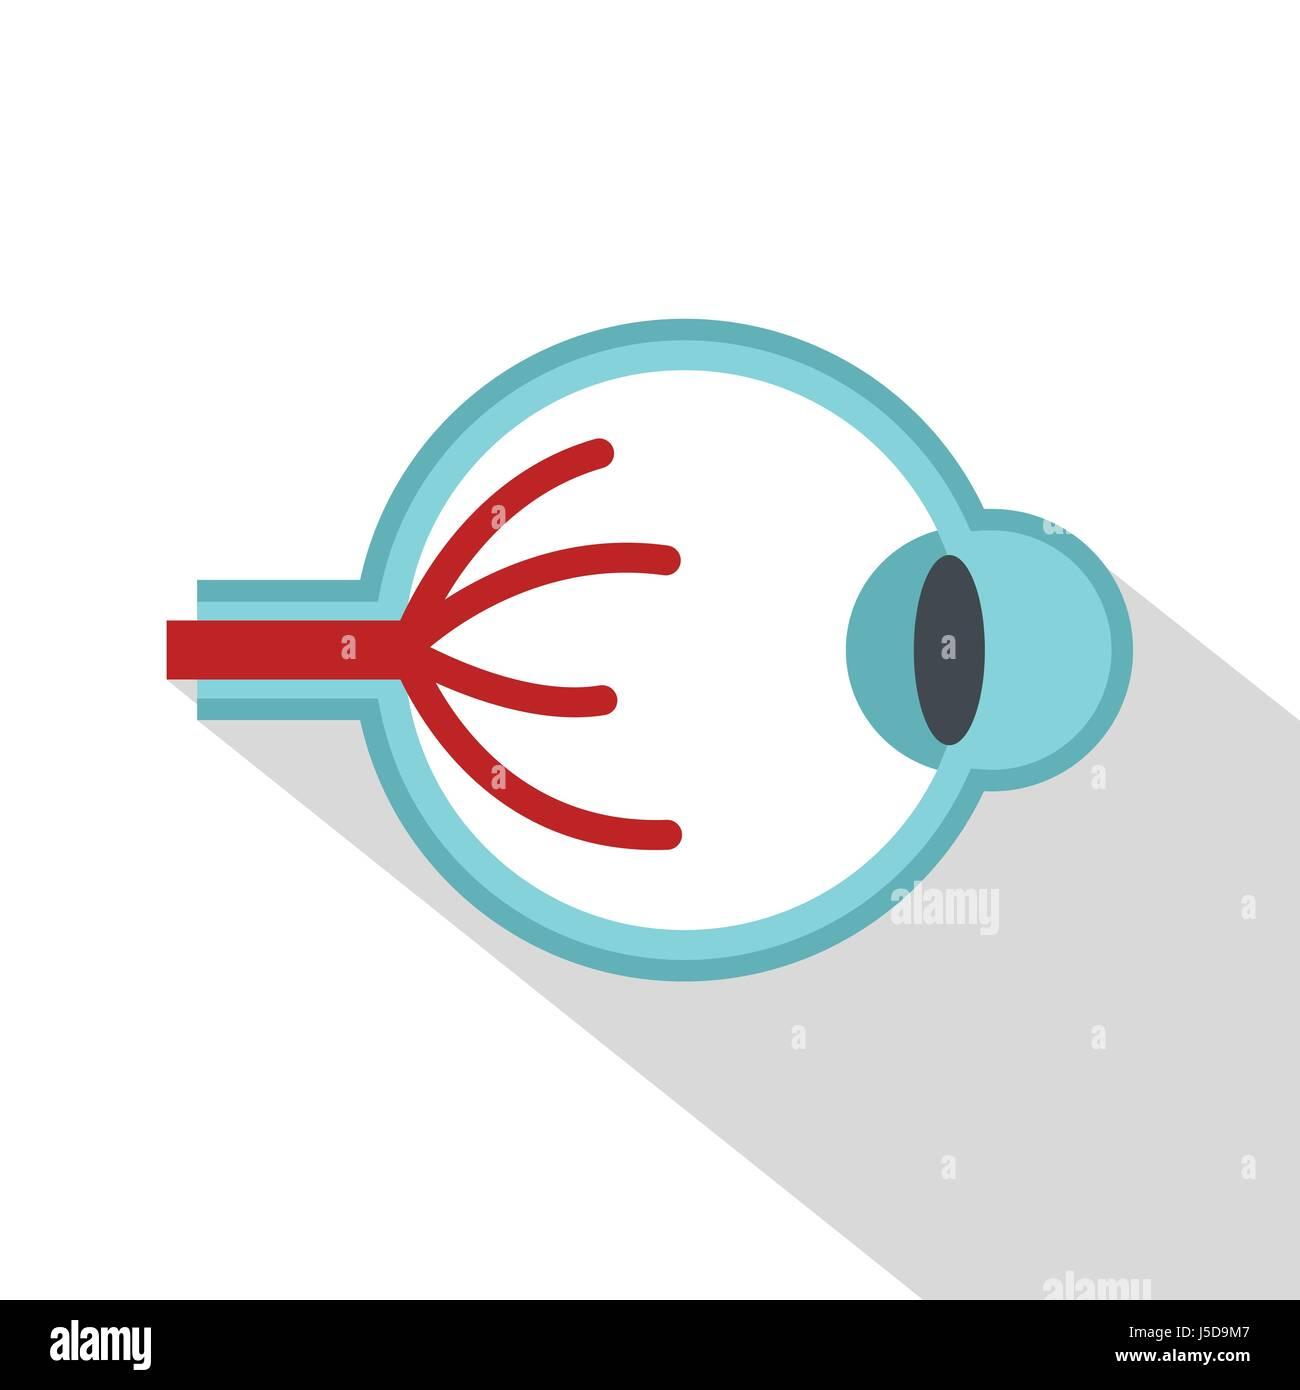 Auge-Anatomie-Symbol. Flache Darstellung der Anatomie Vektor ...